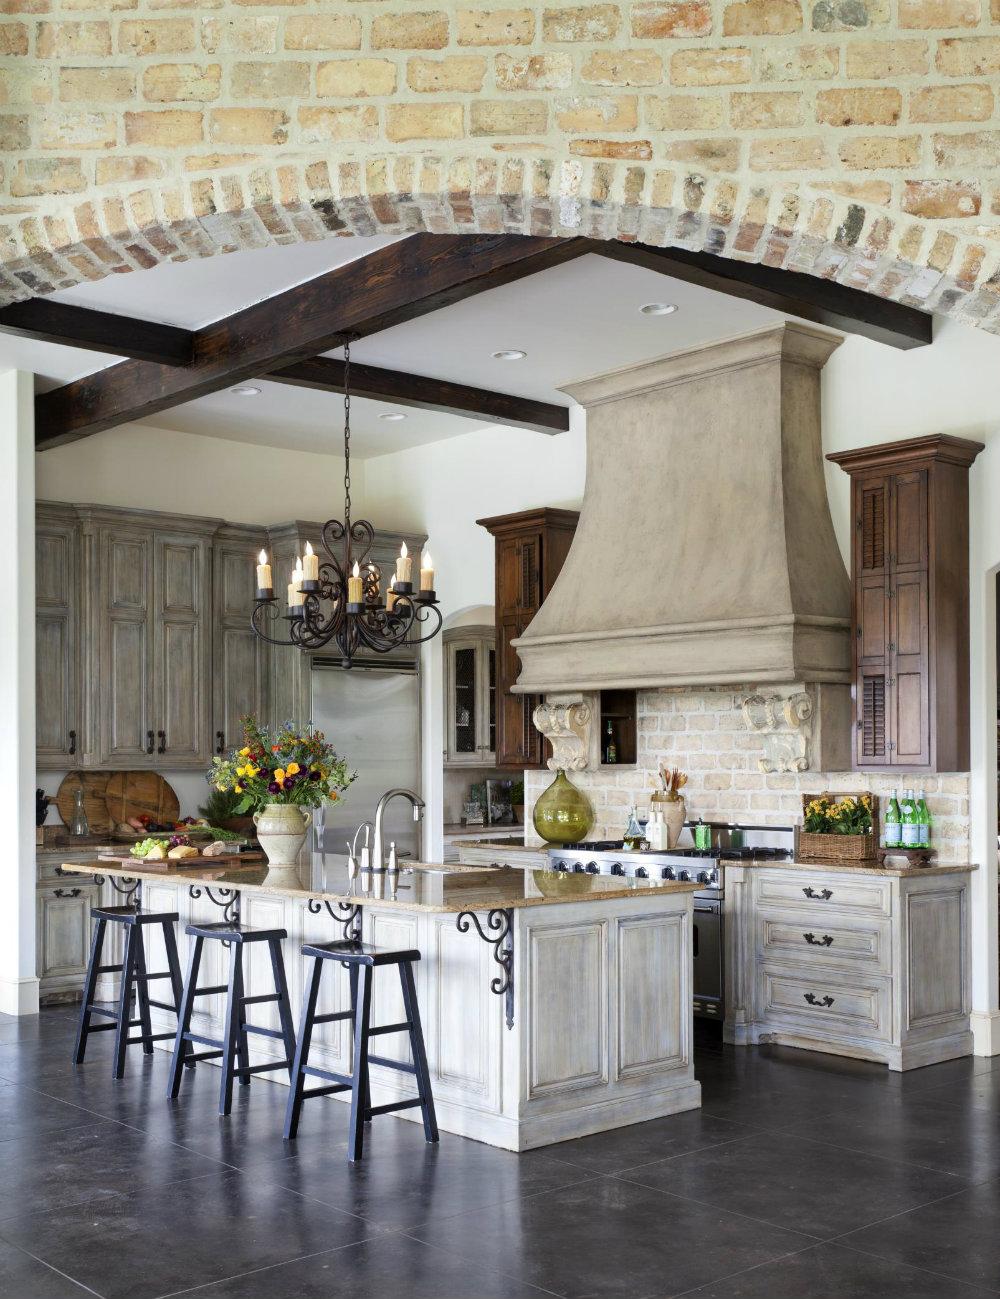 10 Kitchen Chandeliers to brighten up your Kitchen 09